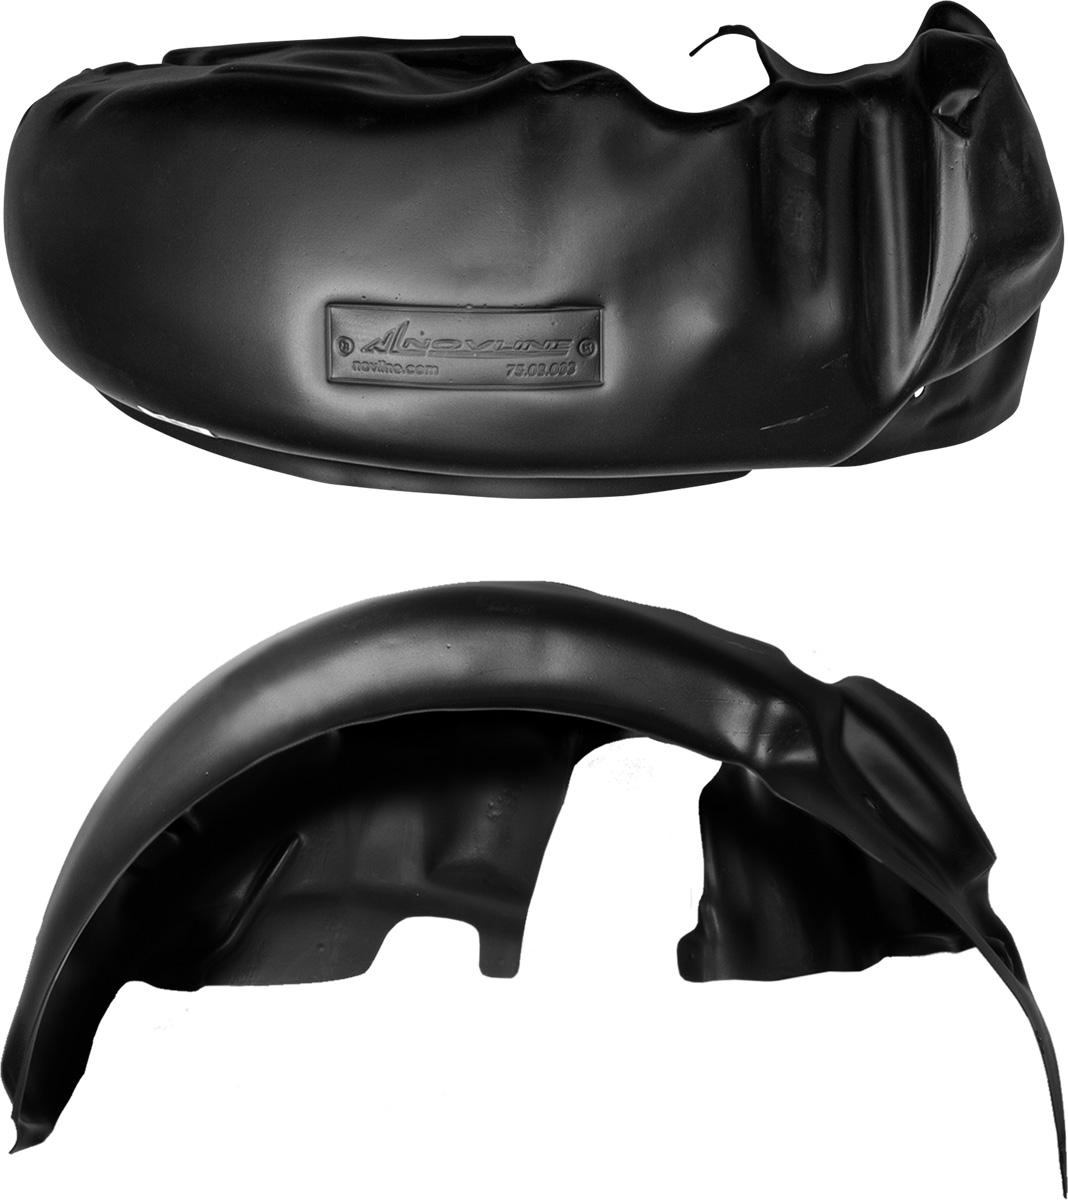 Подкрылок Novline-Autofamily, для Nissan Qashqai, 2007-2013, задний правыйNLL.36.07.004Колесные ниши - одни из самых уязвимых зон днища вашего автомобиля. Они постоянно подвергаются воздействию со стороны дороги. Лучшая, почти абсолютная защита для них - специально отформованные пластиковые кожухи, которые называются подкрылками. Производятся они как для отечественных моделей автомобилей, так и для иномарок. Подкрылки Novline-Autofamily выполнены из высококачественного, экологически чистого пластика. Обеспечивают надежную защиту кузова автомобиля от пескоструйного эффекта и негативного влияния, агрессивных антигололедных реагентов. Пластик обладает более низкой теплопроводностью, чем металл, поэтому в зимний период эксплуатации использование пластиковых подкрылков позволяет лучше защитить колесные ниши от налипания снега и образования наледи. Оригинальность конструкции подчеркивает элегантность автомобиля, бережно защищает нанесенное на днище кузова антикоррозийное покрытие и позволяет осуществить крепление подкрылков внутри колесной арки практически без...